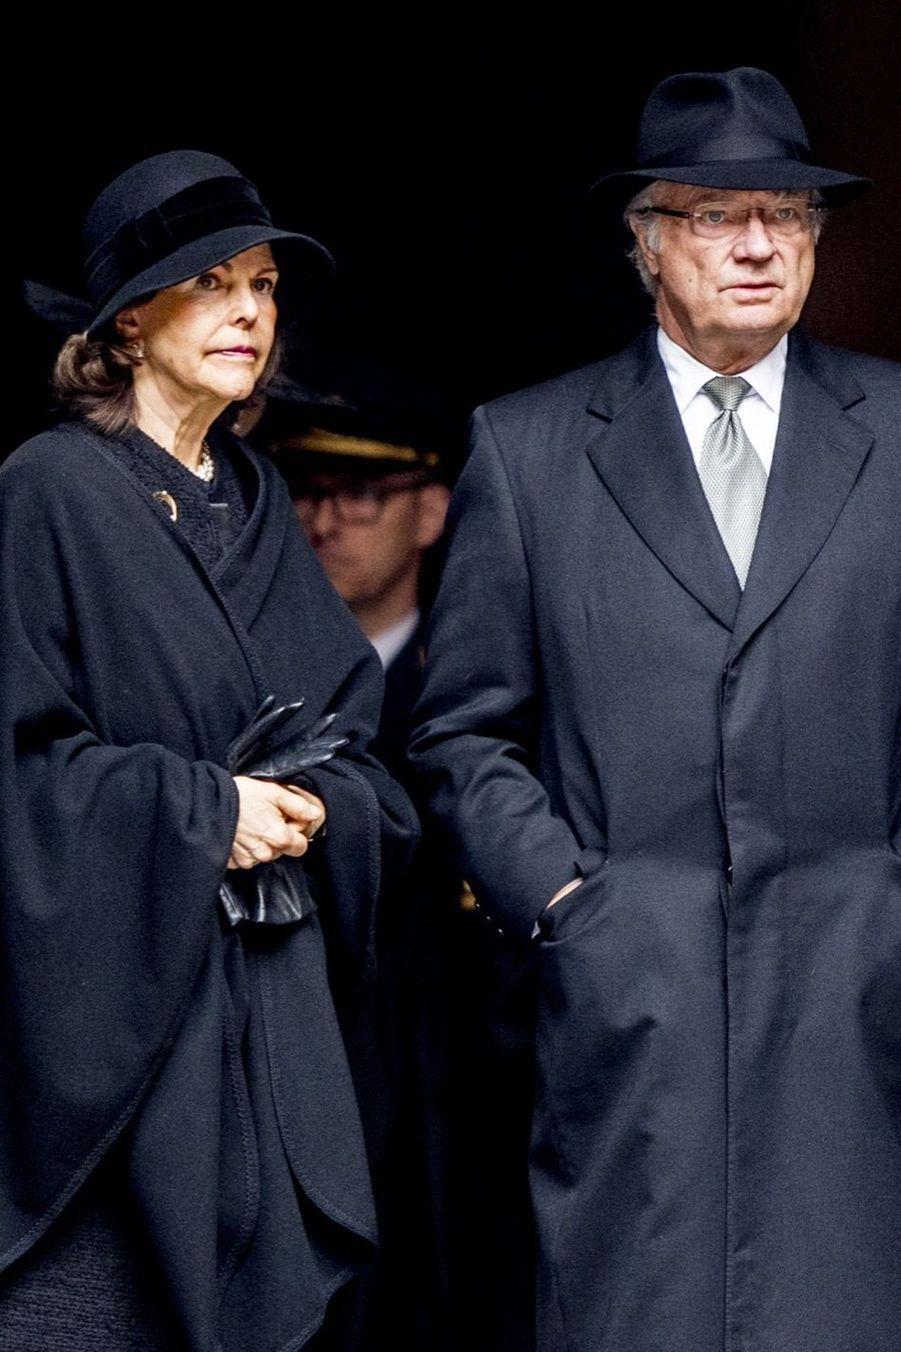 La Famille Royale De Suède Rend Hommage Aux Victimes De L'attentat De Stockholm 11